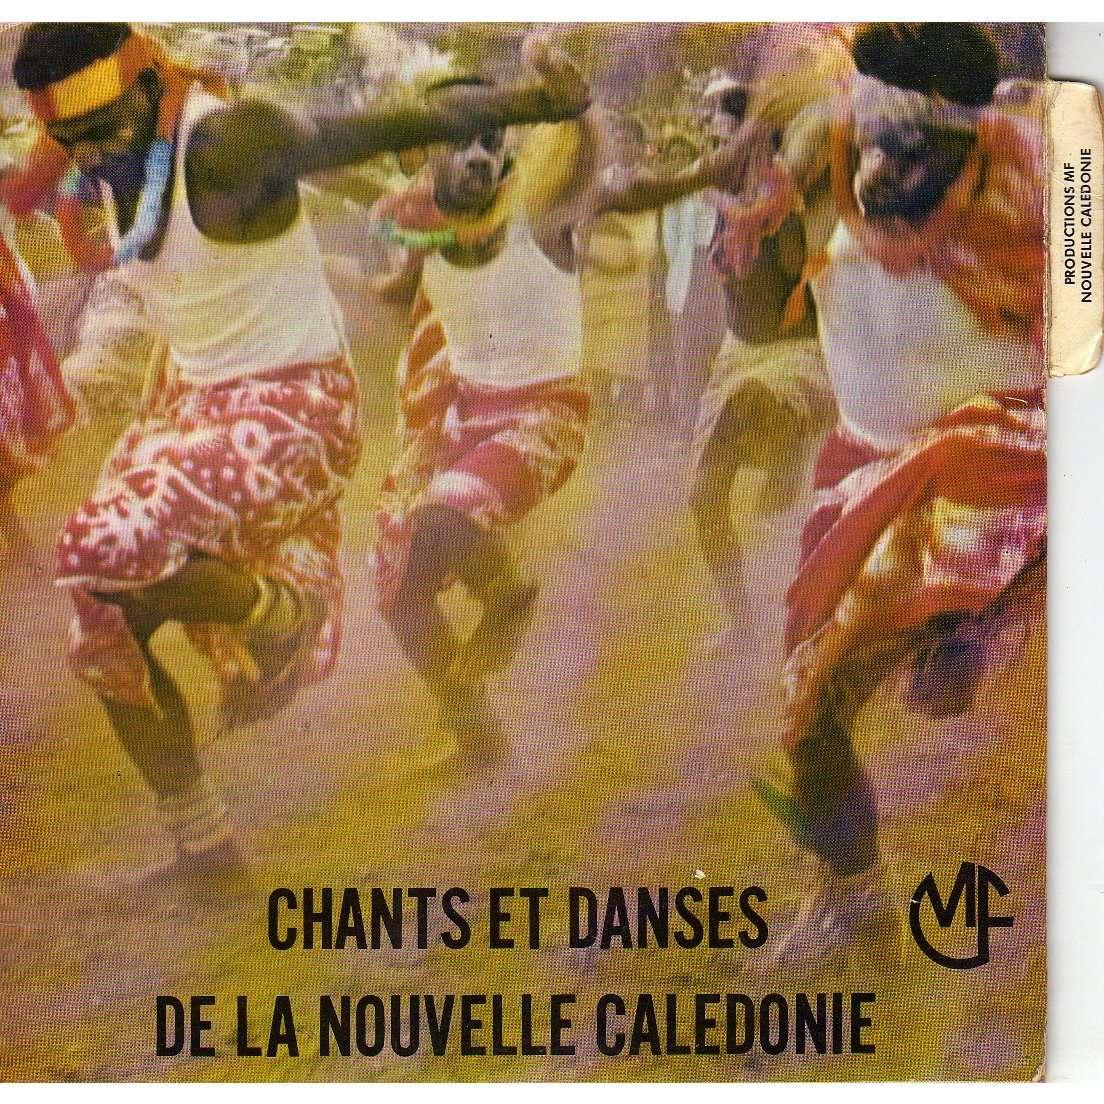 chants et danses de nouvelle caledonie Chants et Danses de Nouvelle Calédonie